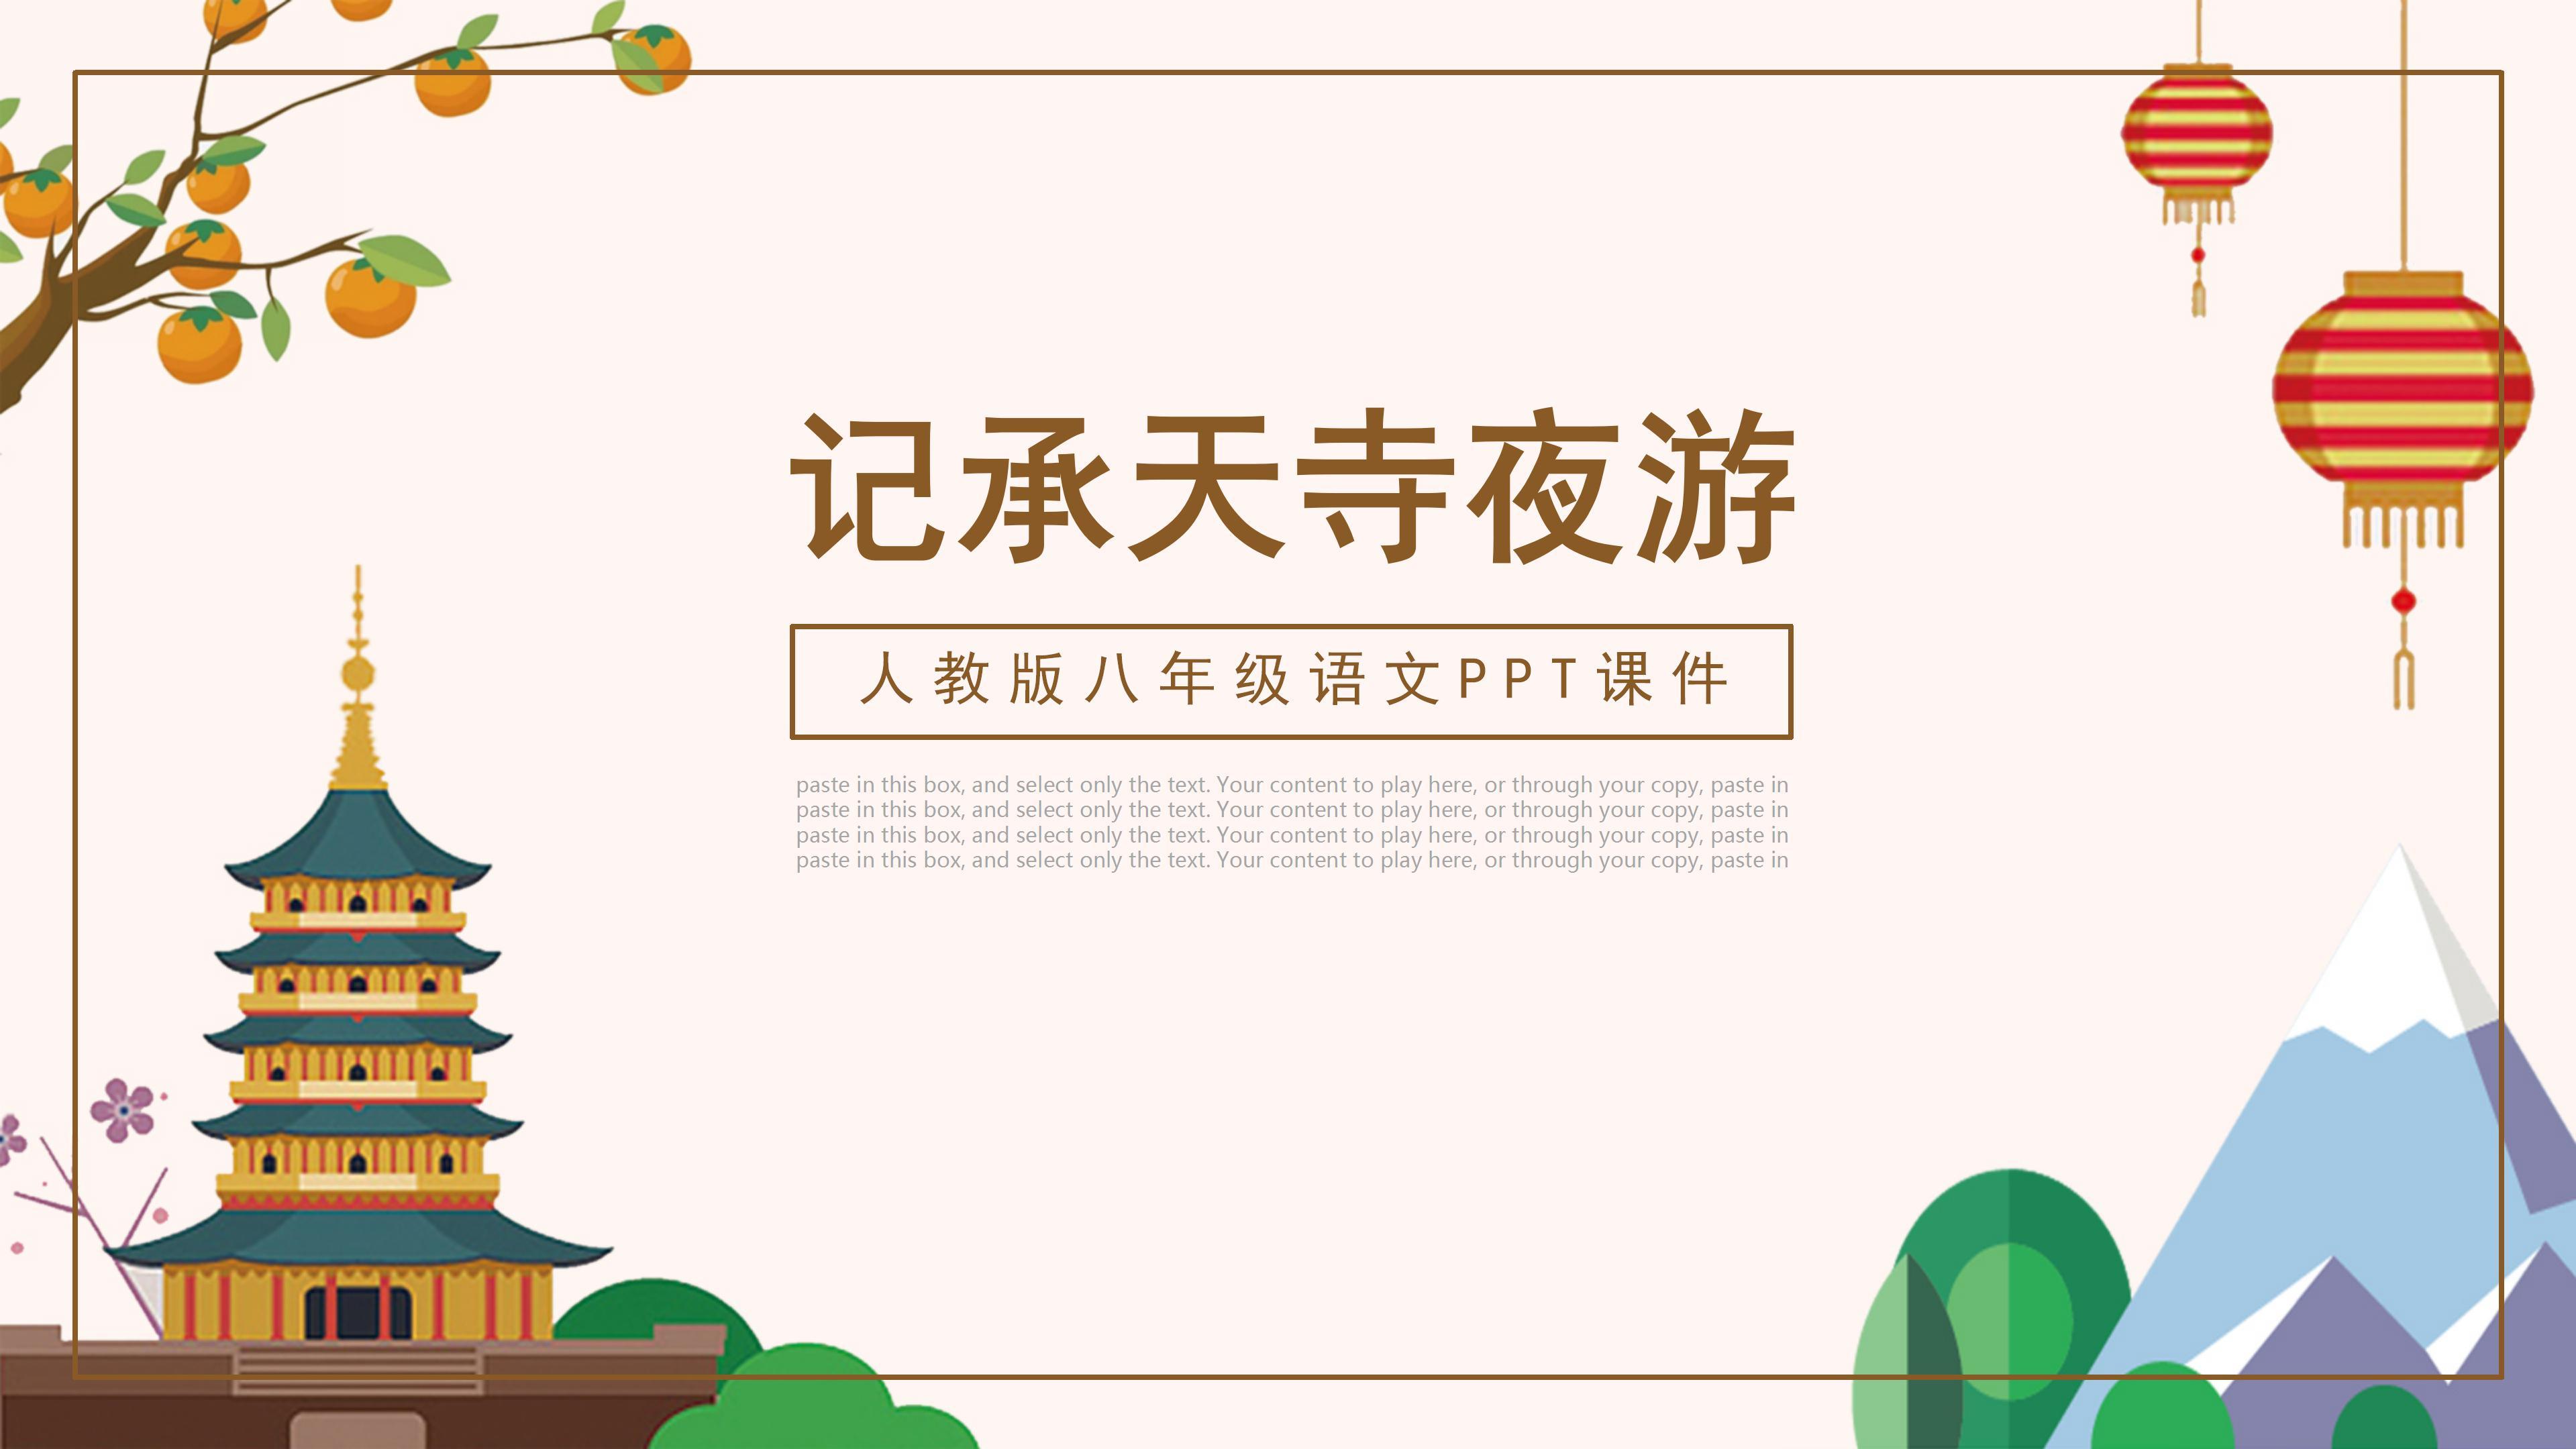 语文课件PPT模板素材推荐